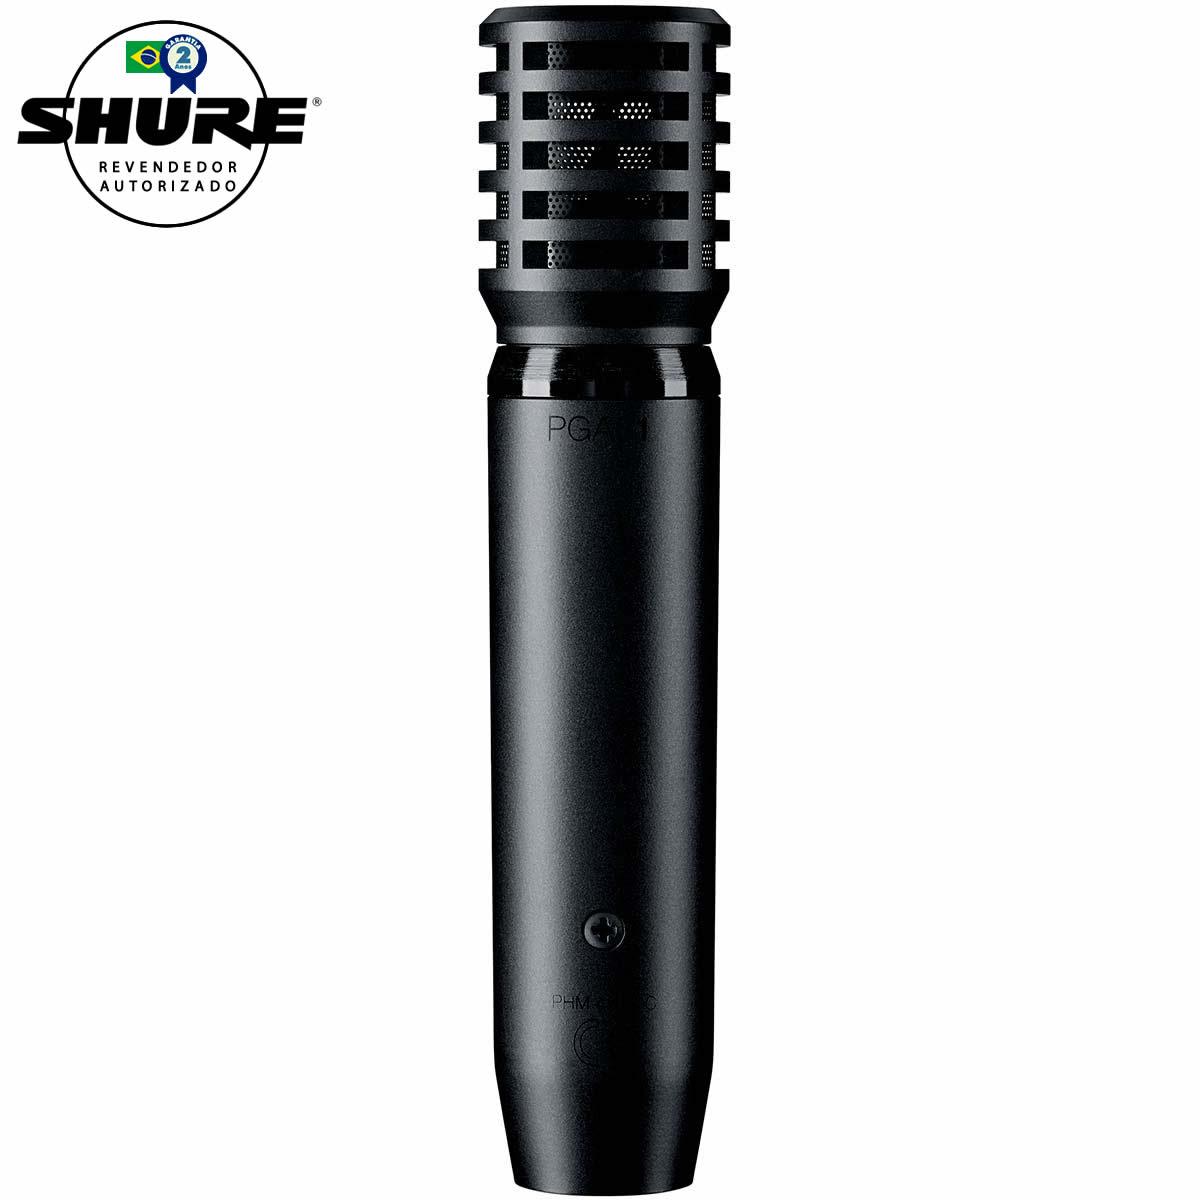 PGA81XLR - Microfone c/ Fio p/ Instrumentos PGA 81 XLR - Shure